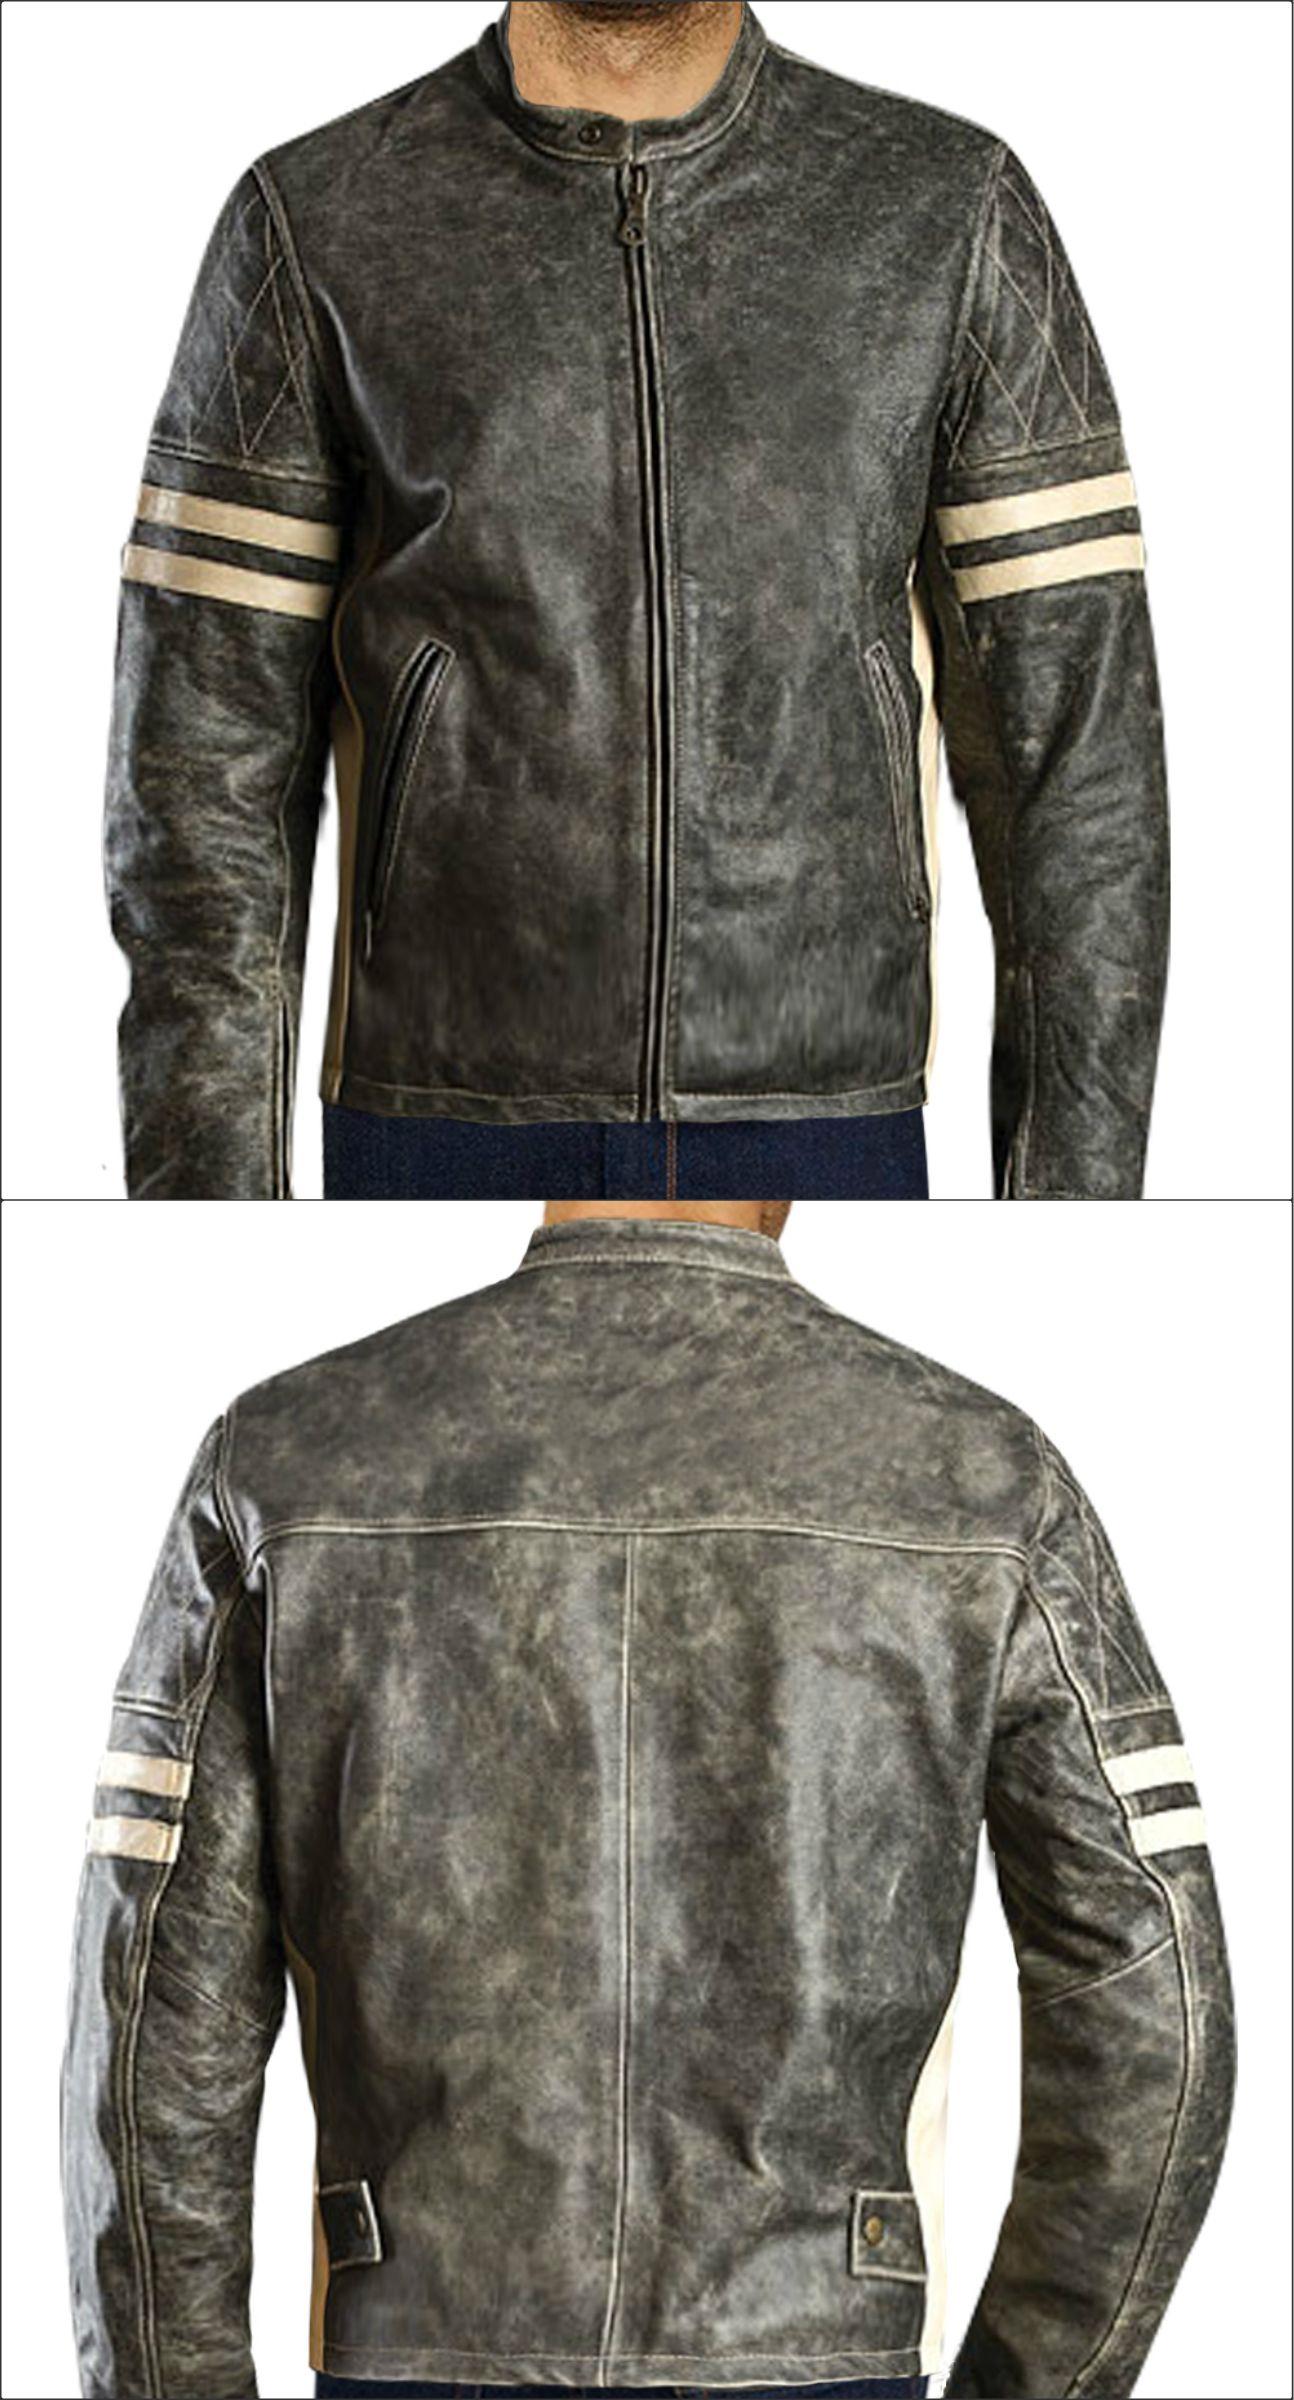 Distressed Black Antique Biker Leather Jacket now offer at